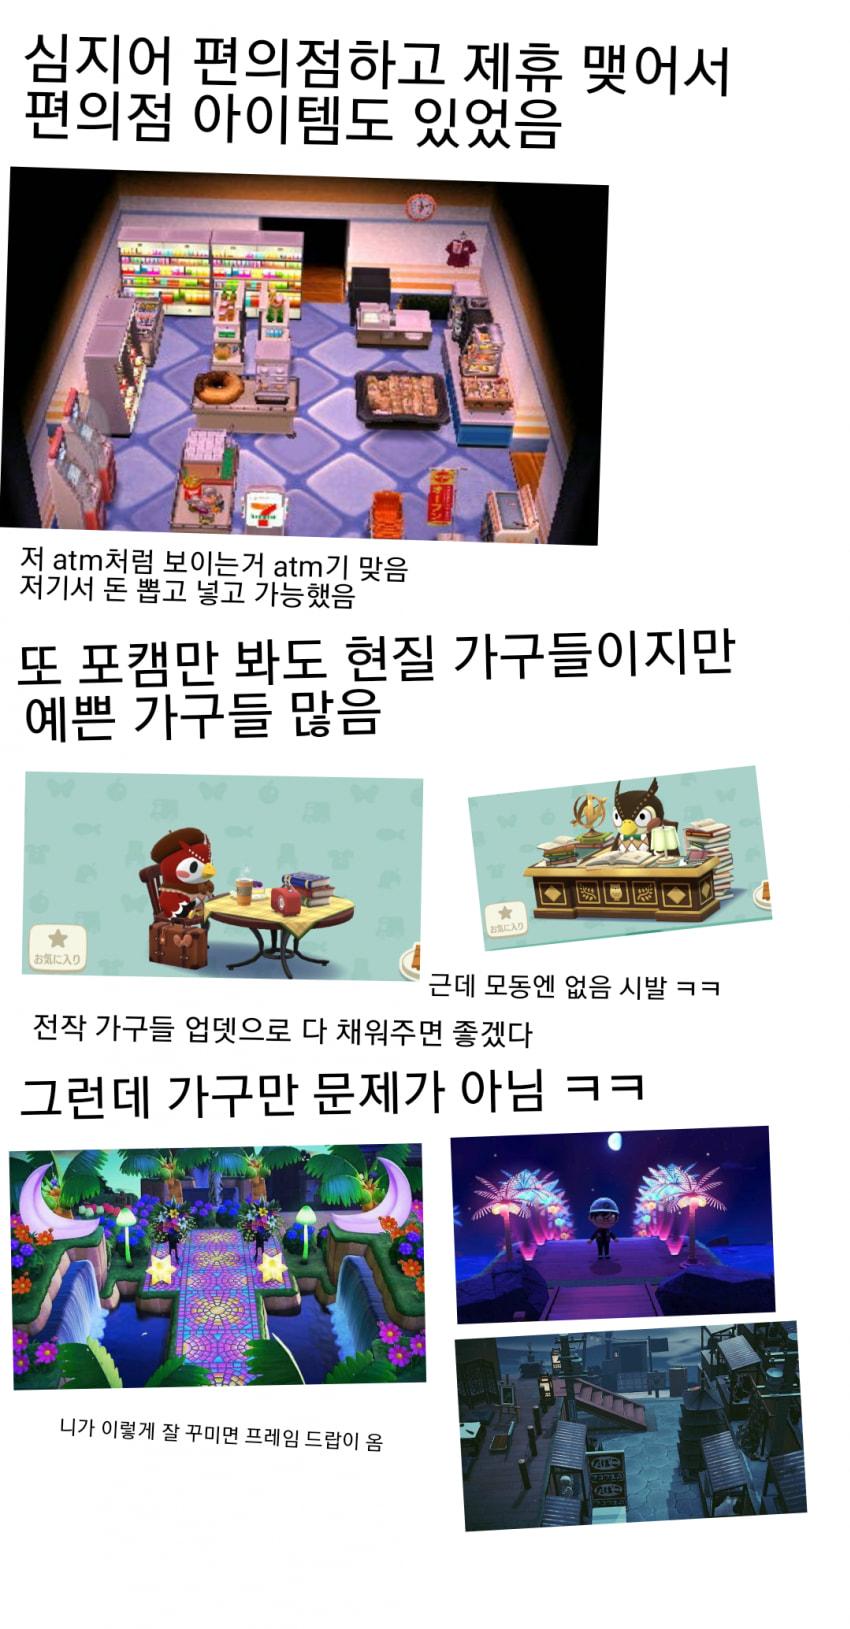 viewimage.php?id=2cbede23f2da37b467a5d9bb05&no=24b0d769e1d32ca73fec87fa11d0283168a8dd5d0373ee31e5f33784e62287707c9444d18531fb5ccb6c2fa7793641118b8a41342948cb0855a6546a279782fe04cae508a61dbfdb89522c037360ccfa8bbf16ab404254fb197526a5542fbc2cb0d1f490